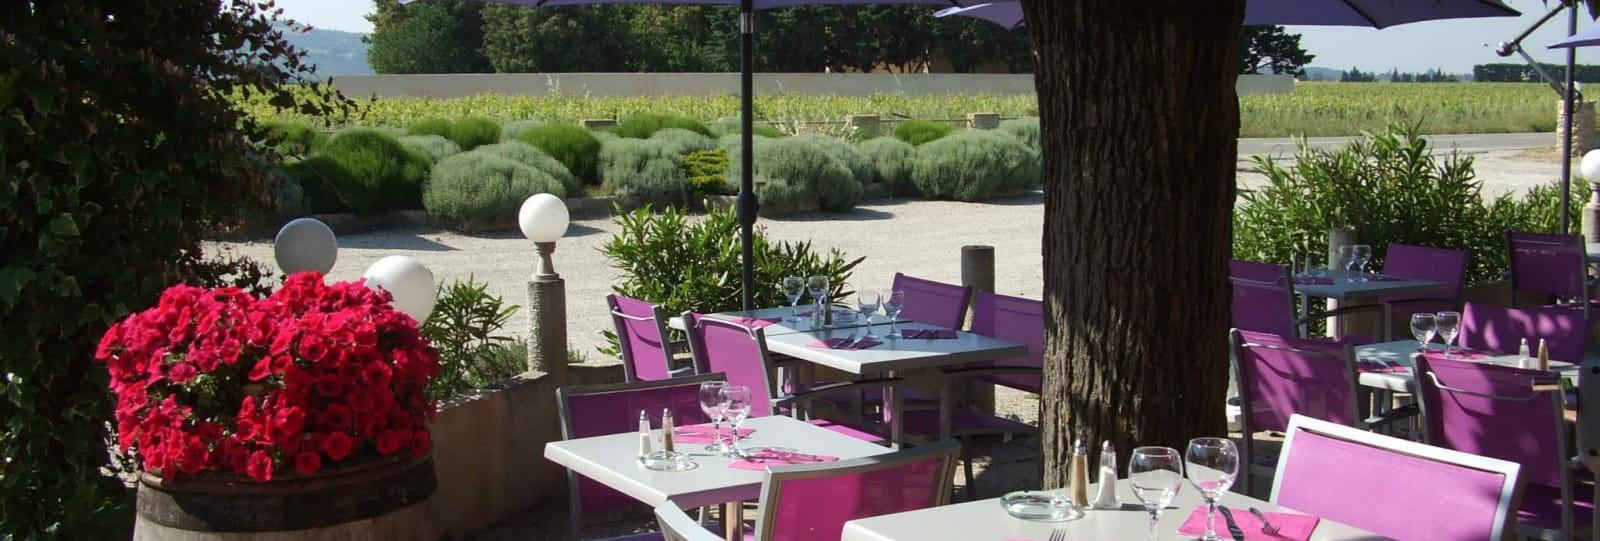 Restaurant Relais de Costebelle